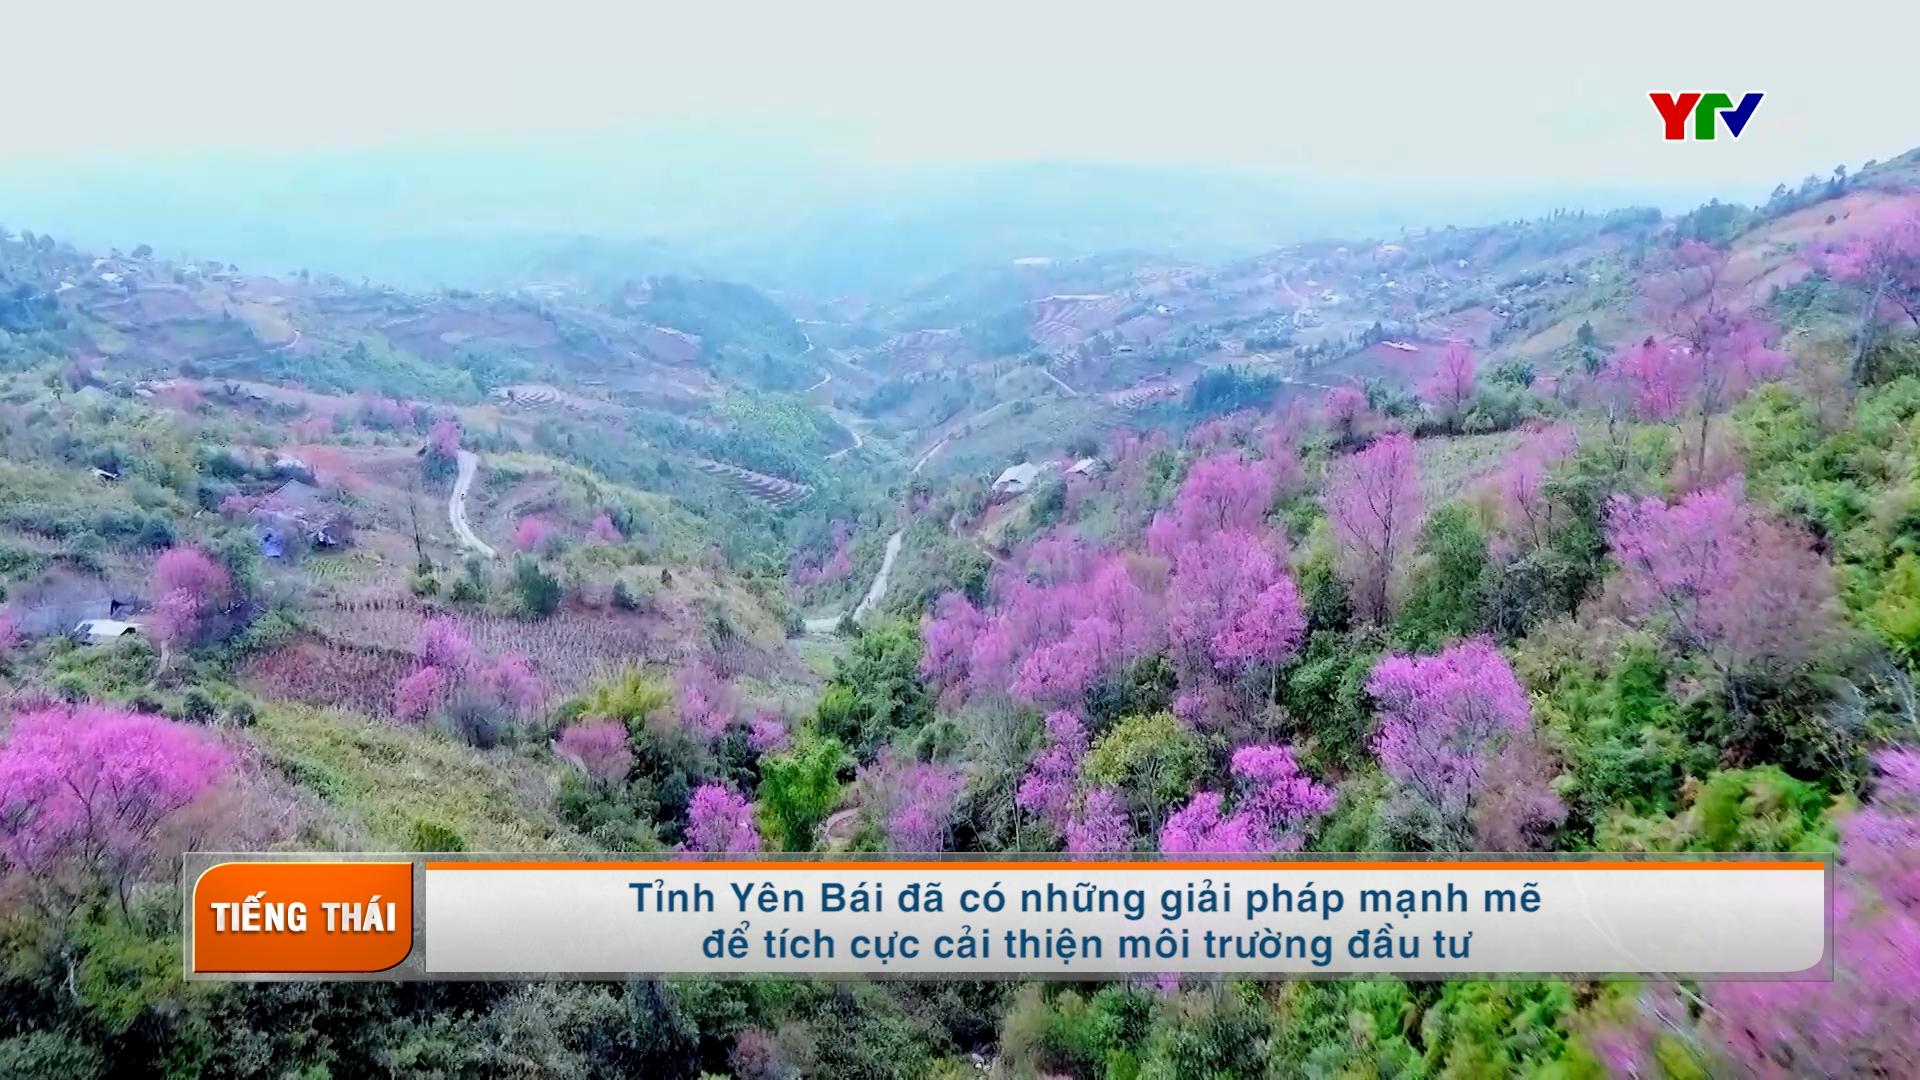 Truyền hình tiếng Thái số 3 tháng 3 năm 2021